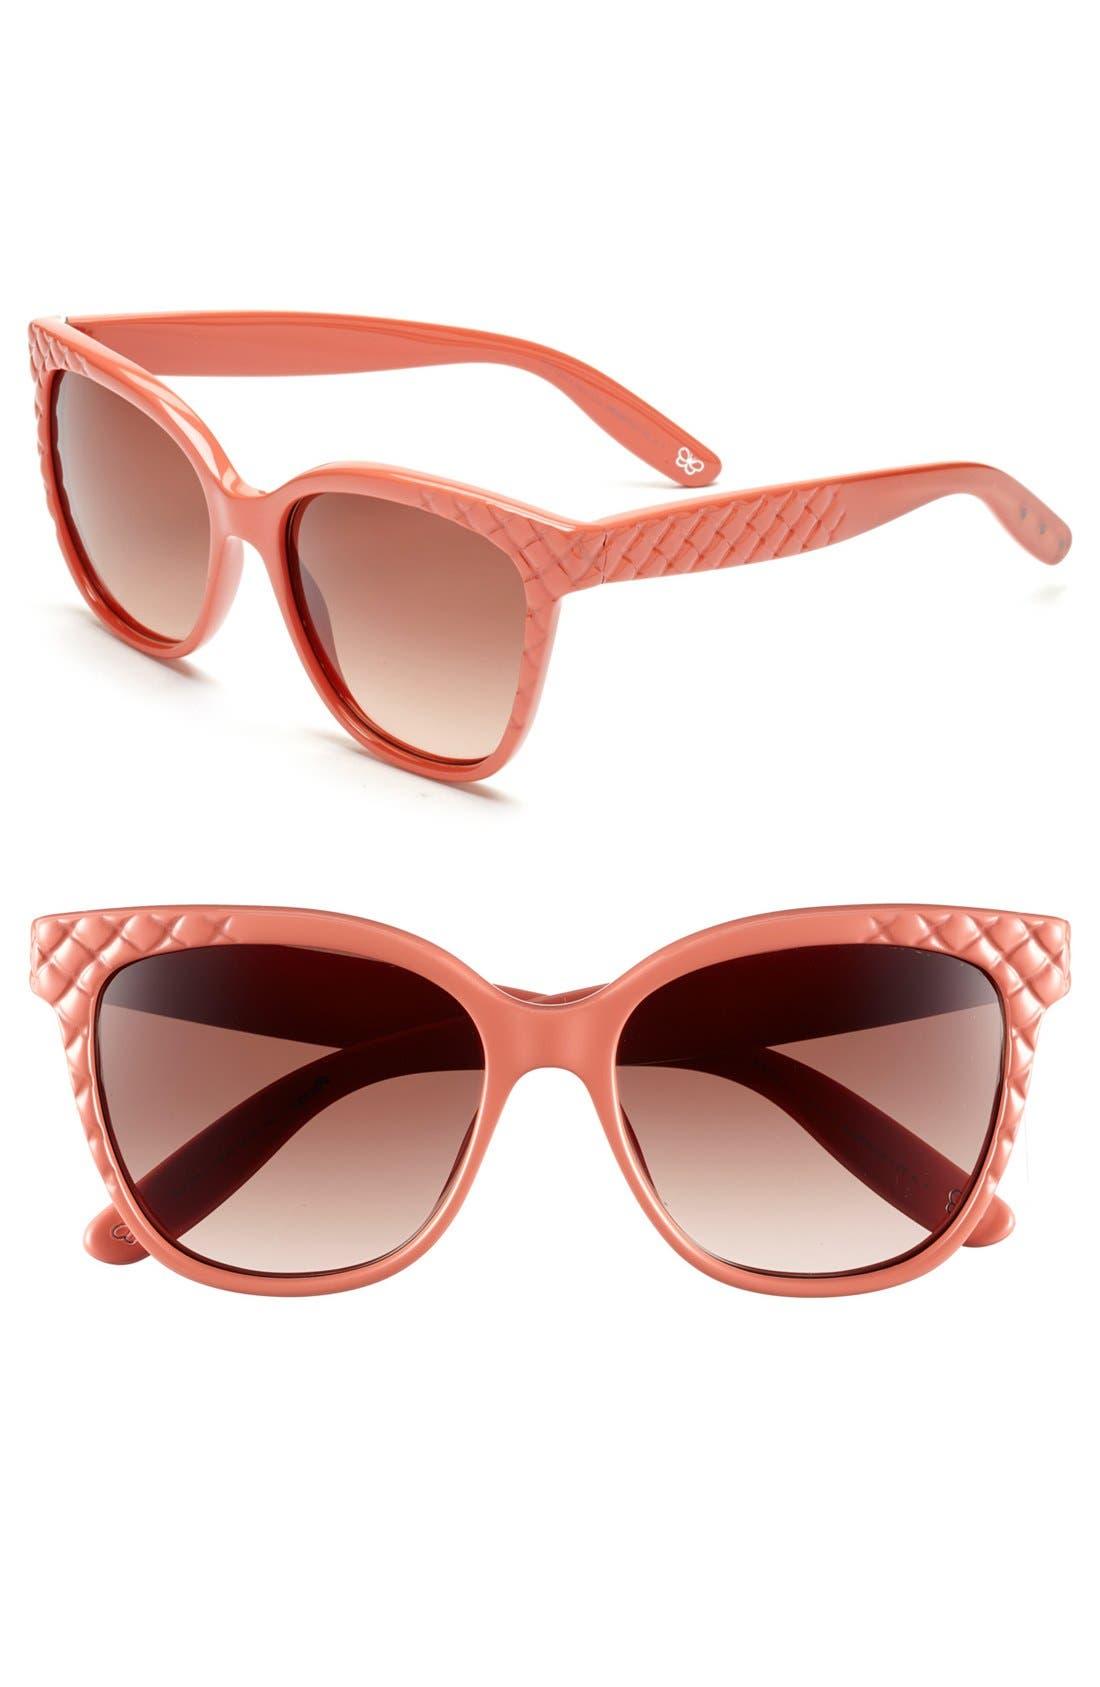 Main Image - Bottega Veneta 55mm Retro Sunglasses